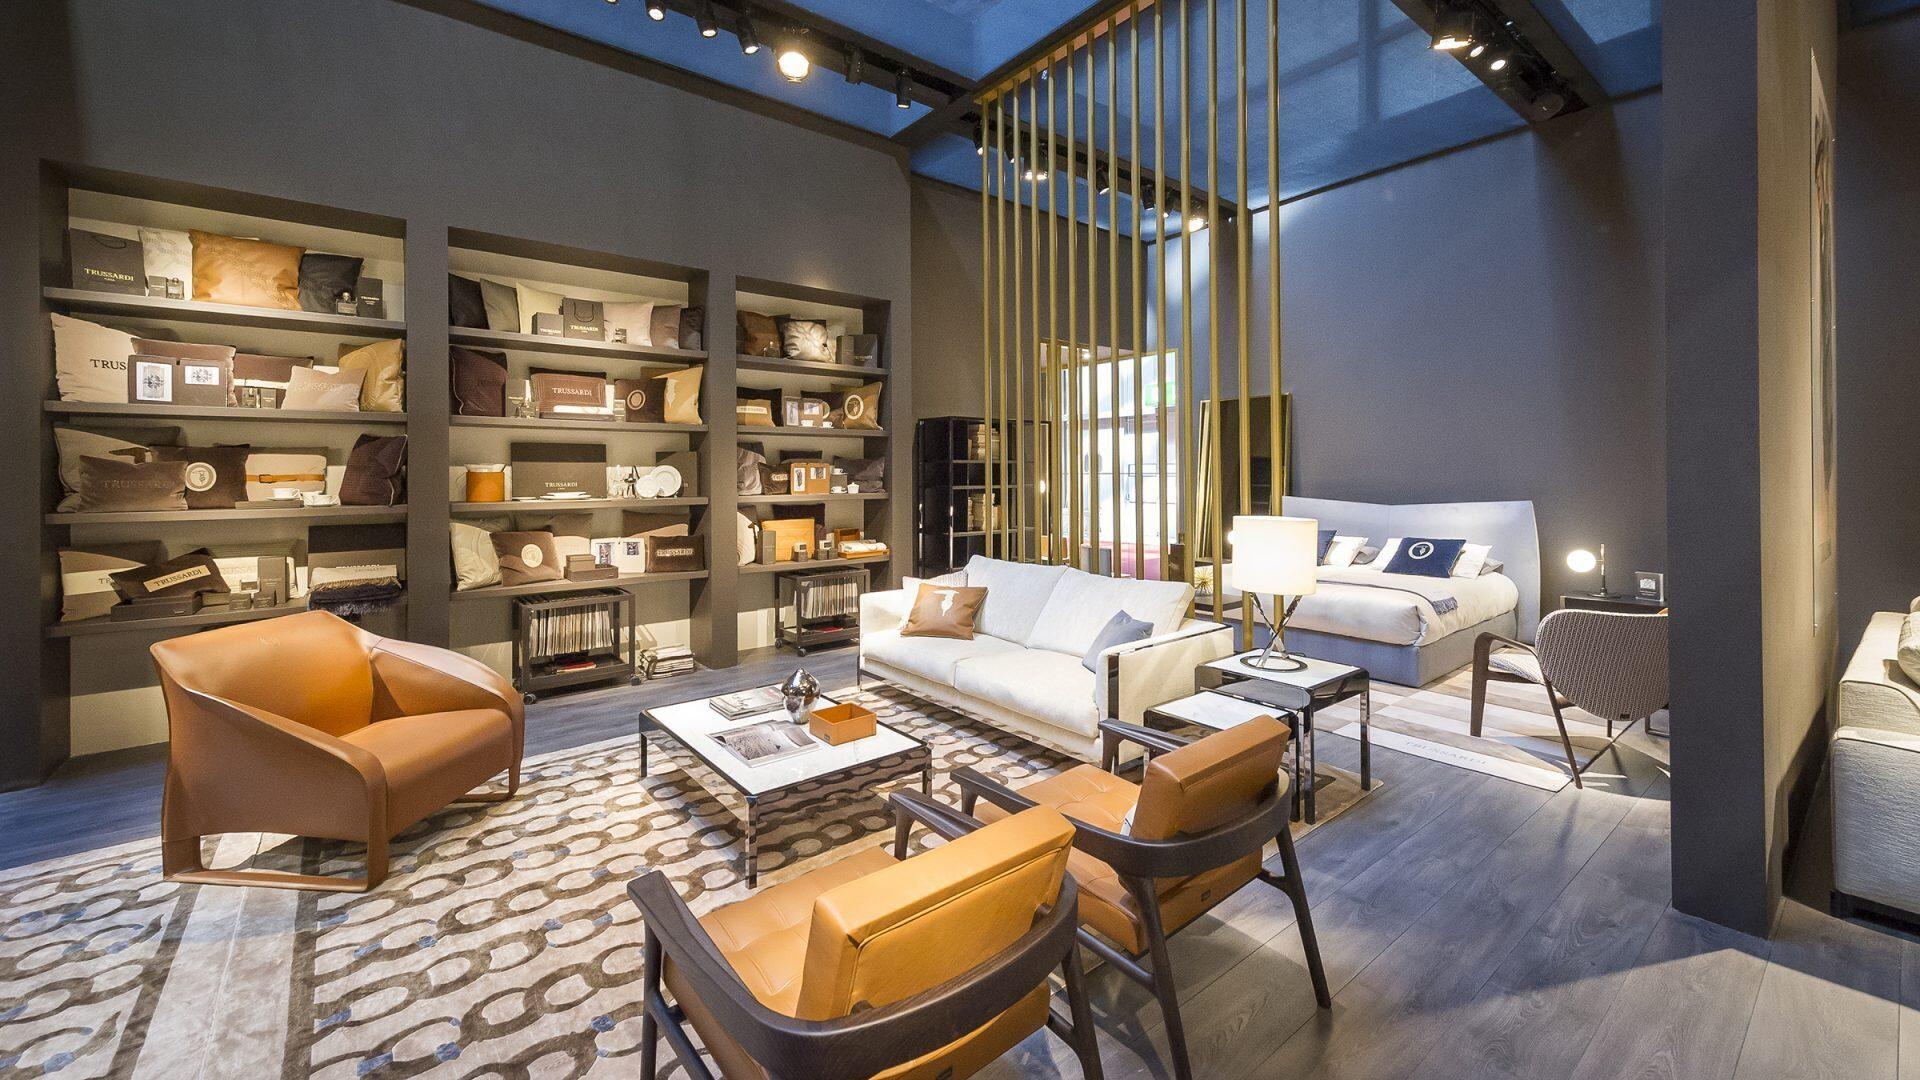 Furniture exhibition at Milan design week